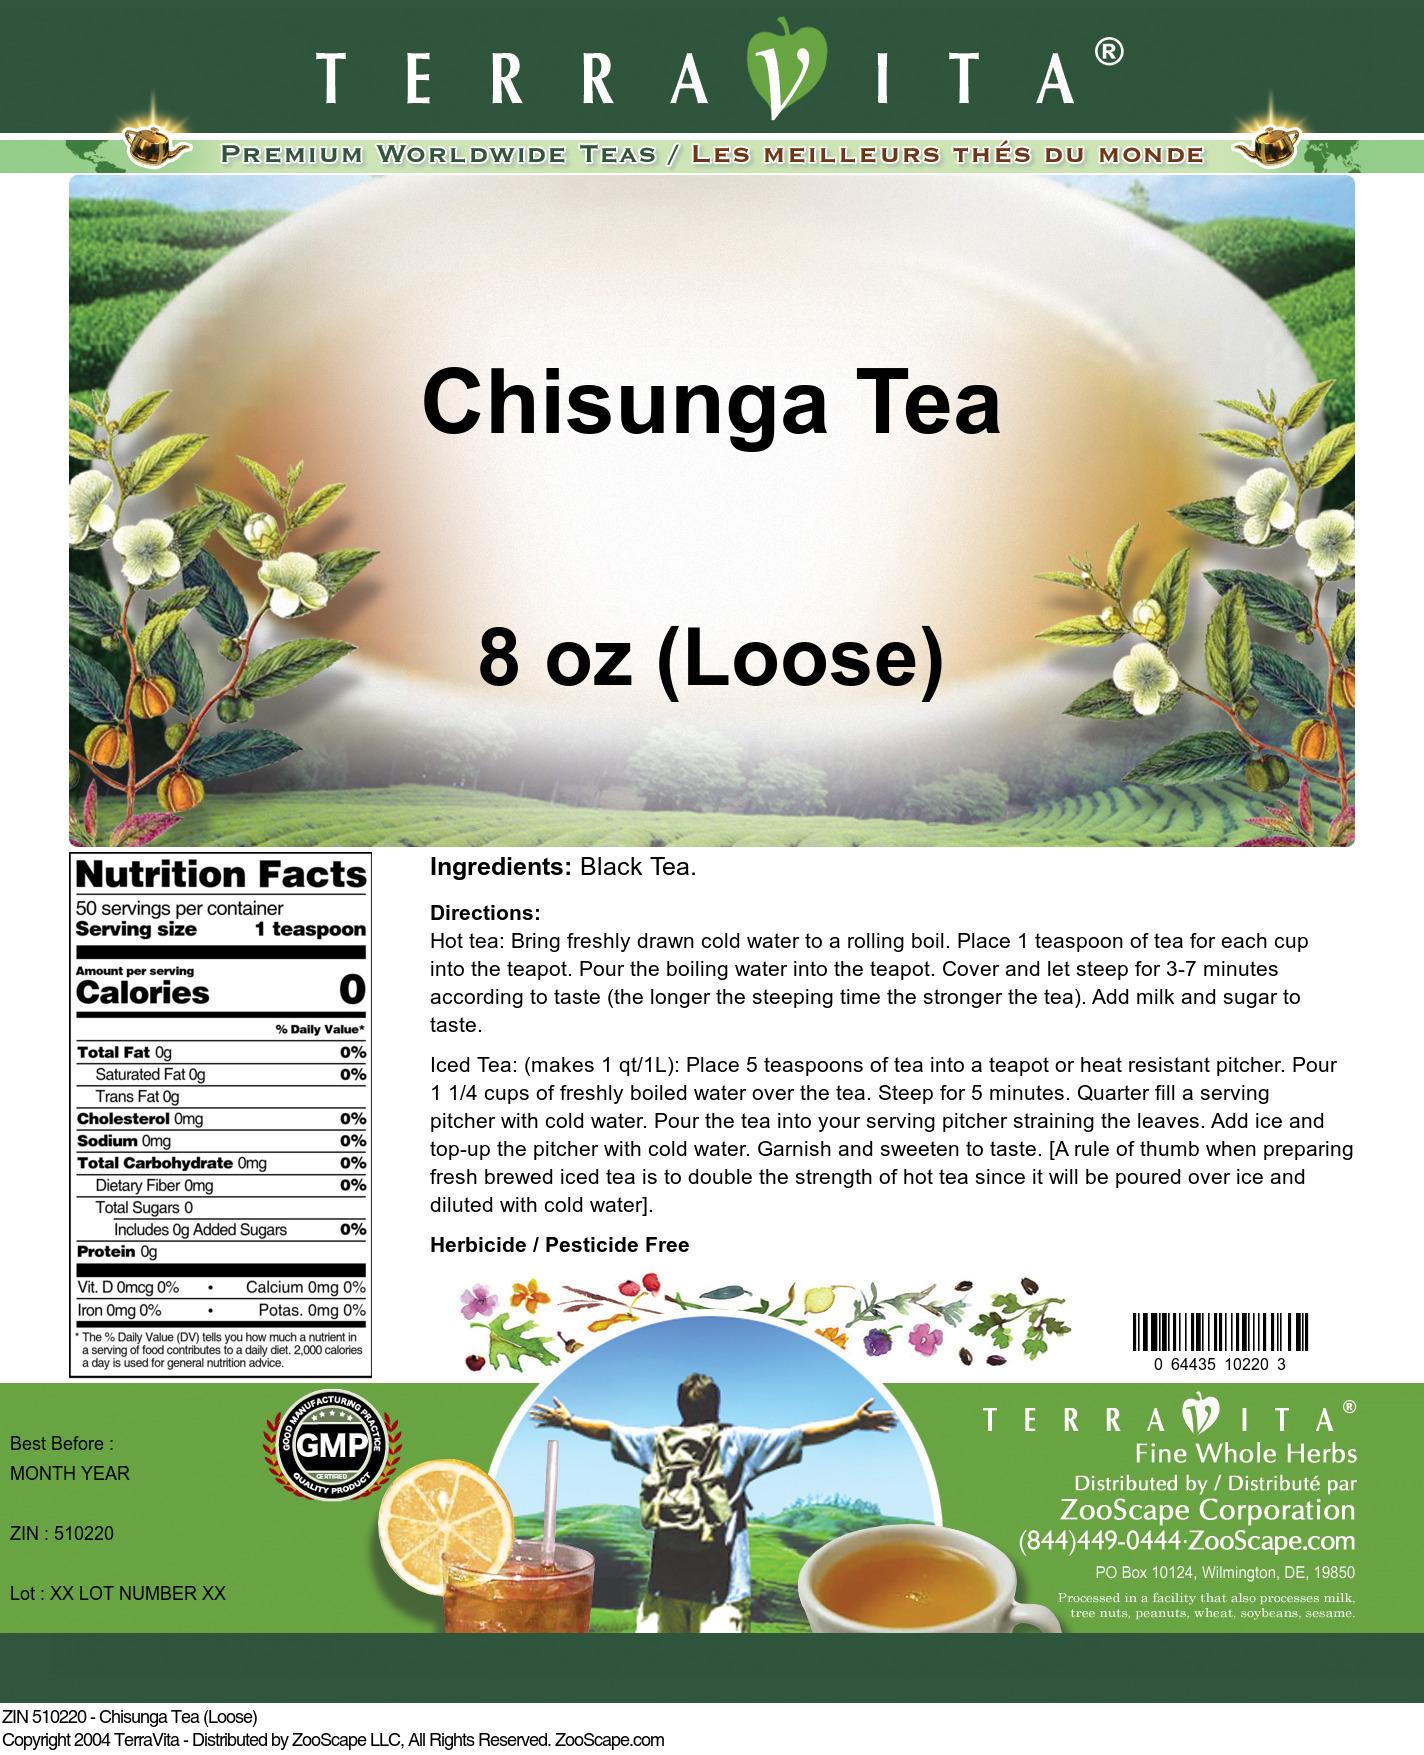 Chisunga